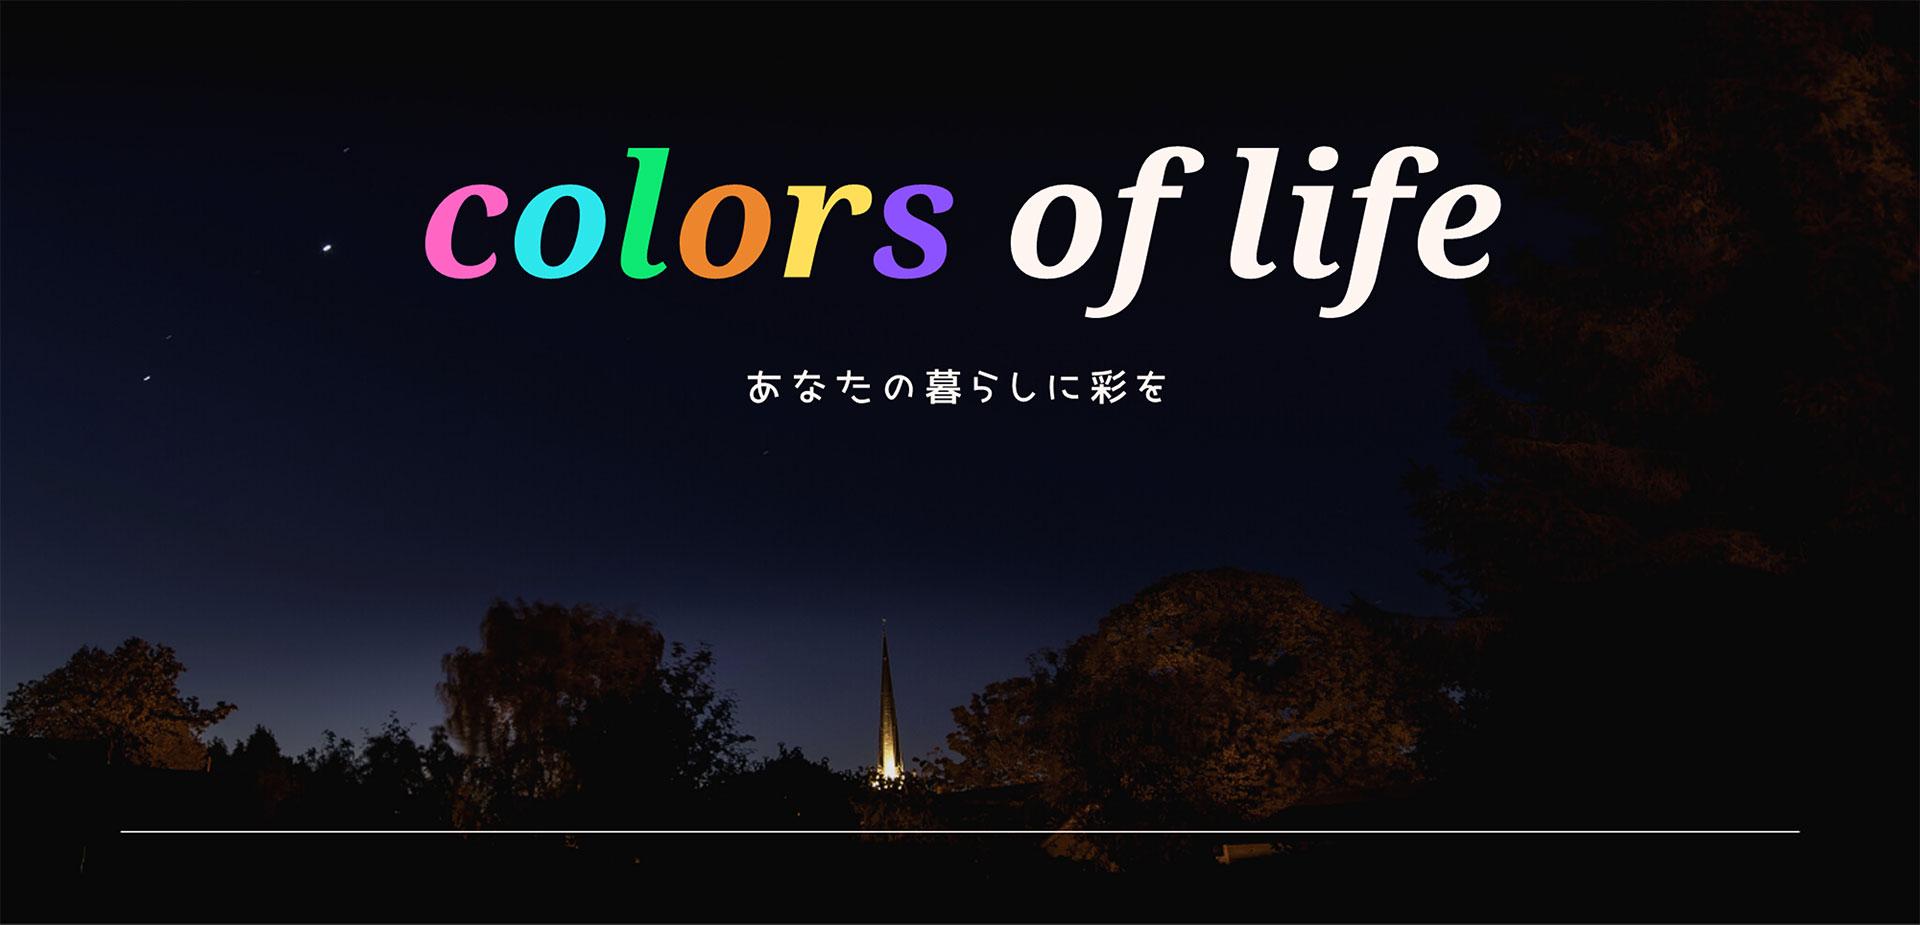 colors of life あなたの暮らしに彩を